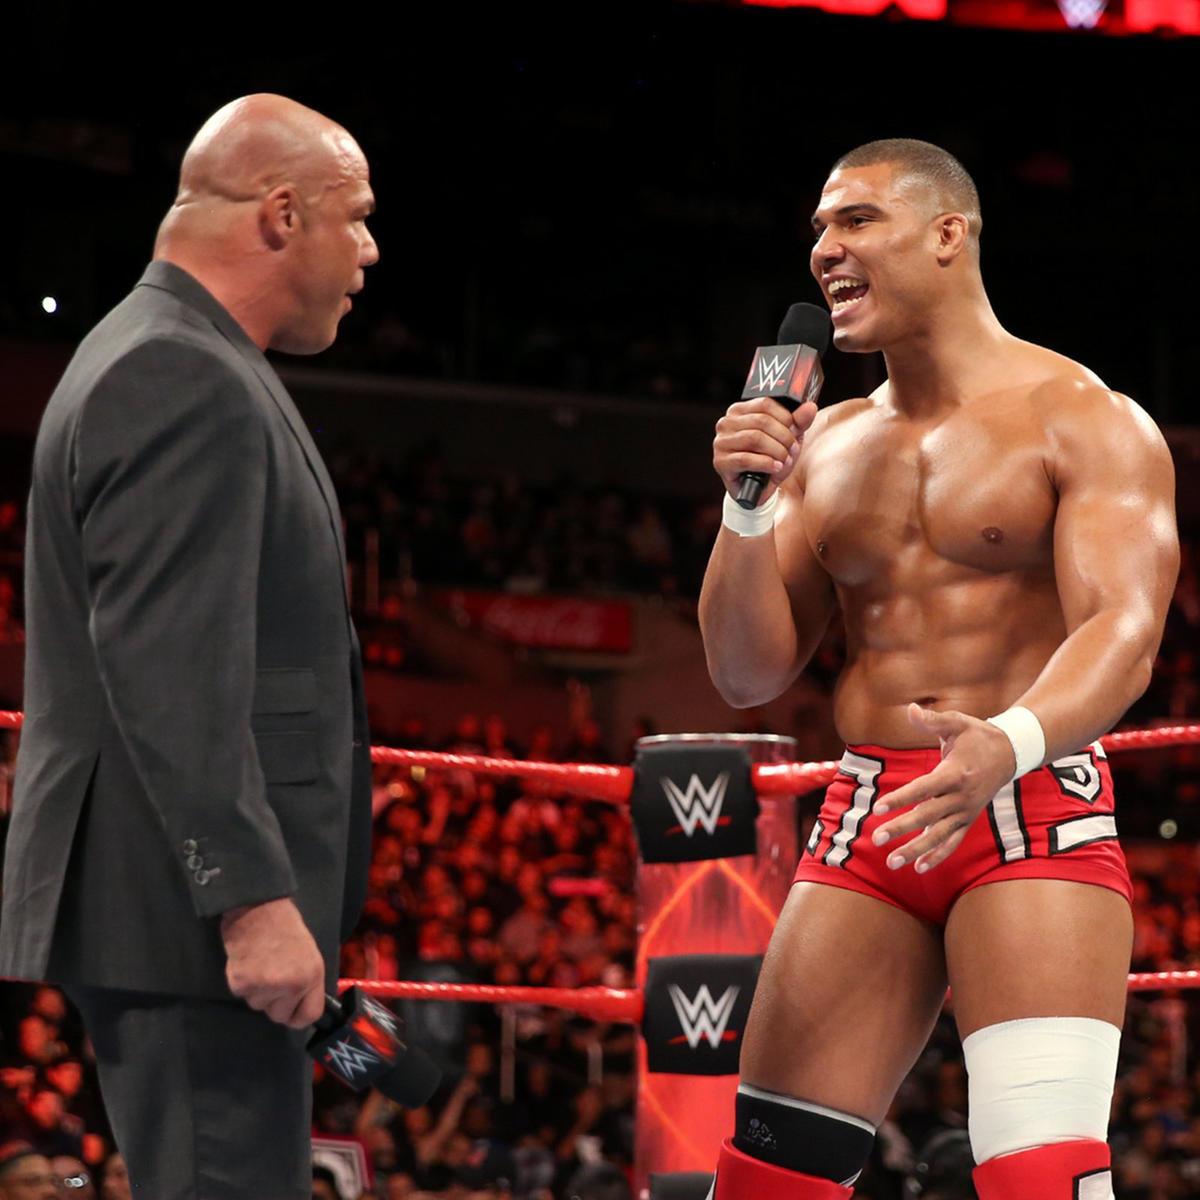 Jordan wants the title opportunity...